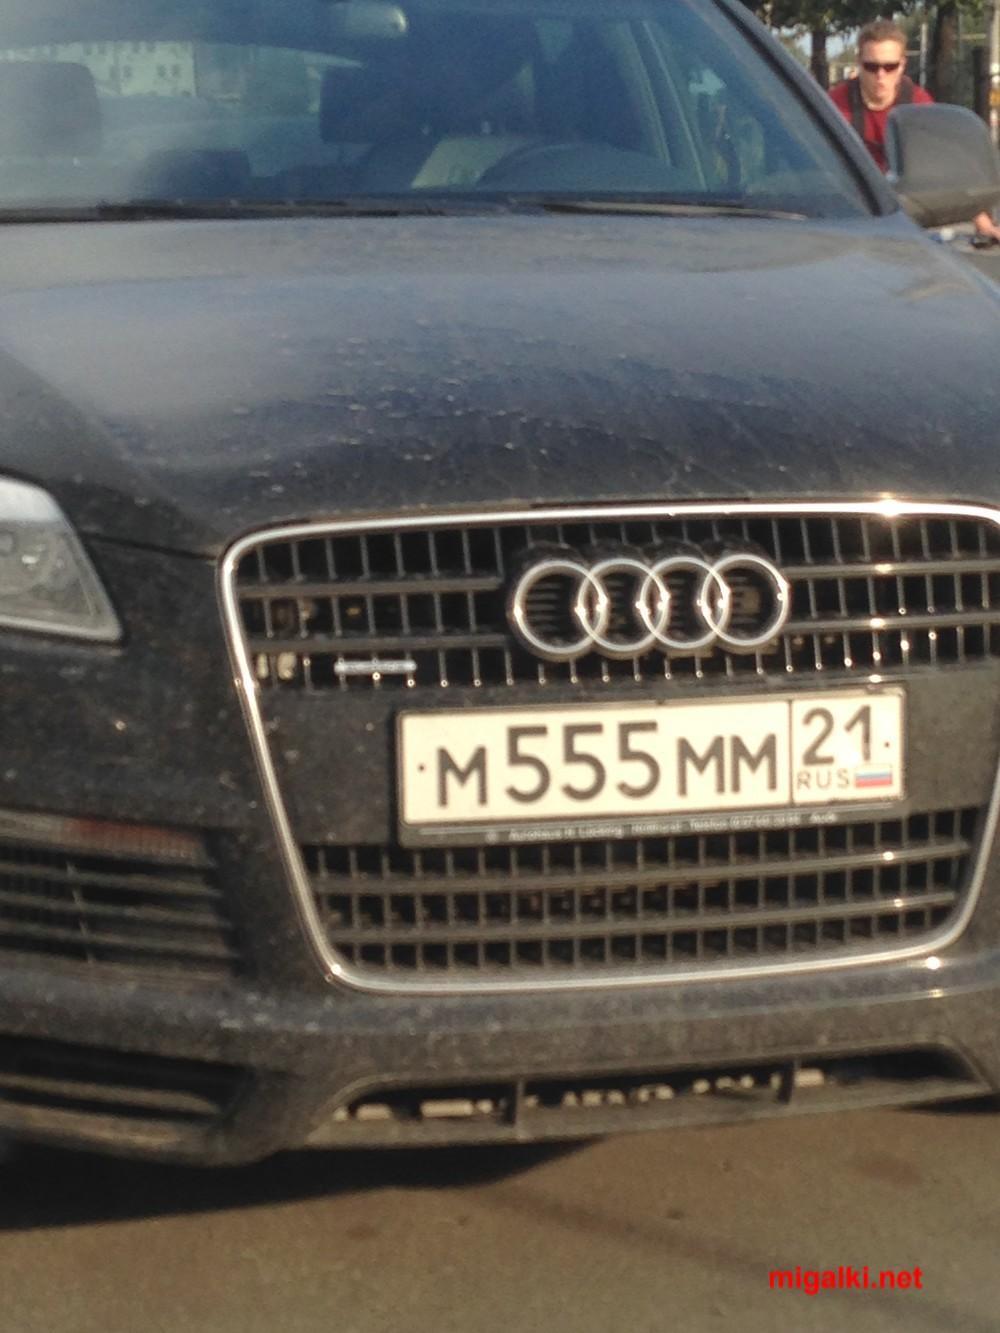 м555мм21